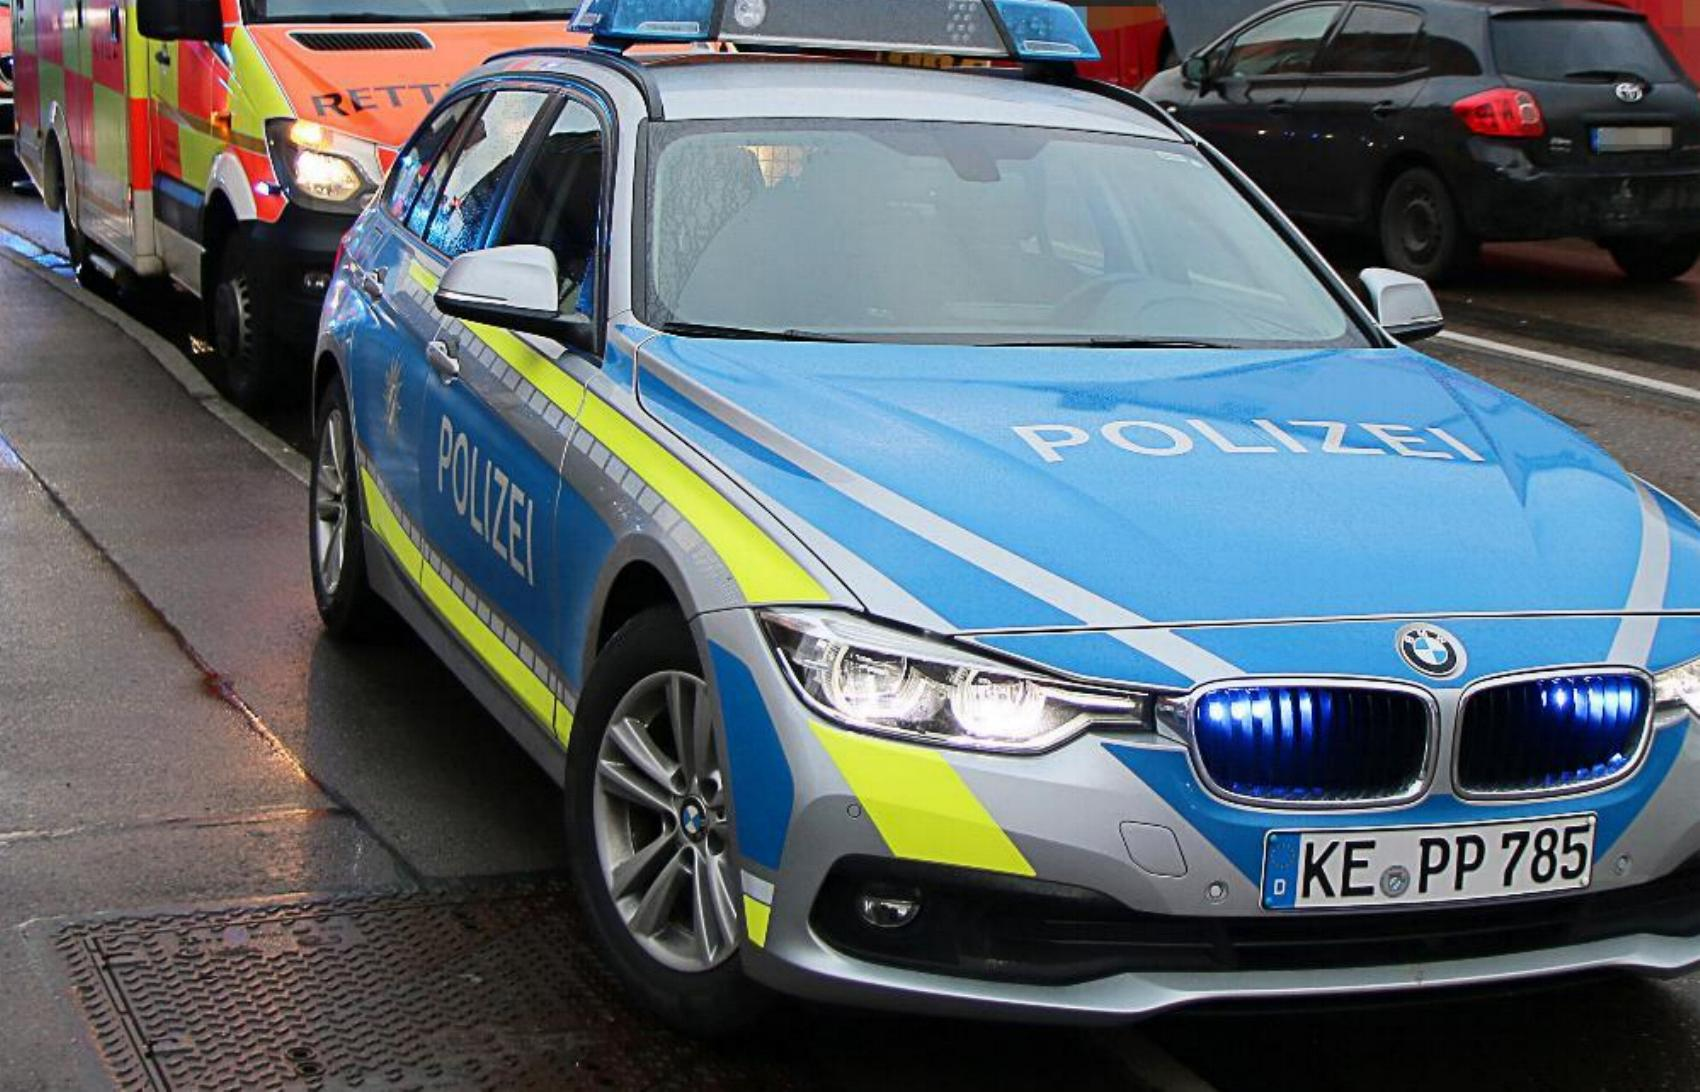 Polizeifahrzeug Straße